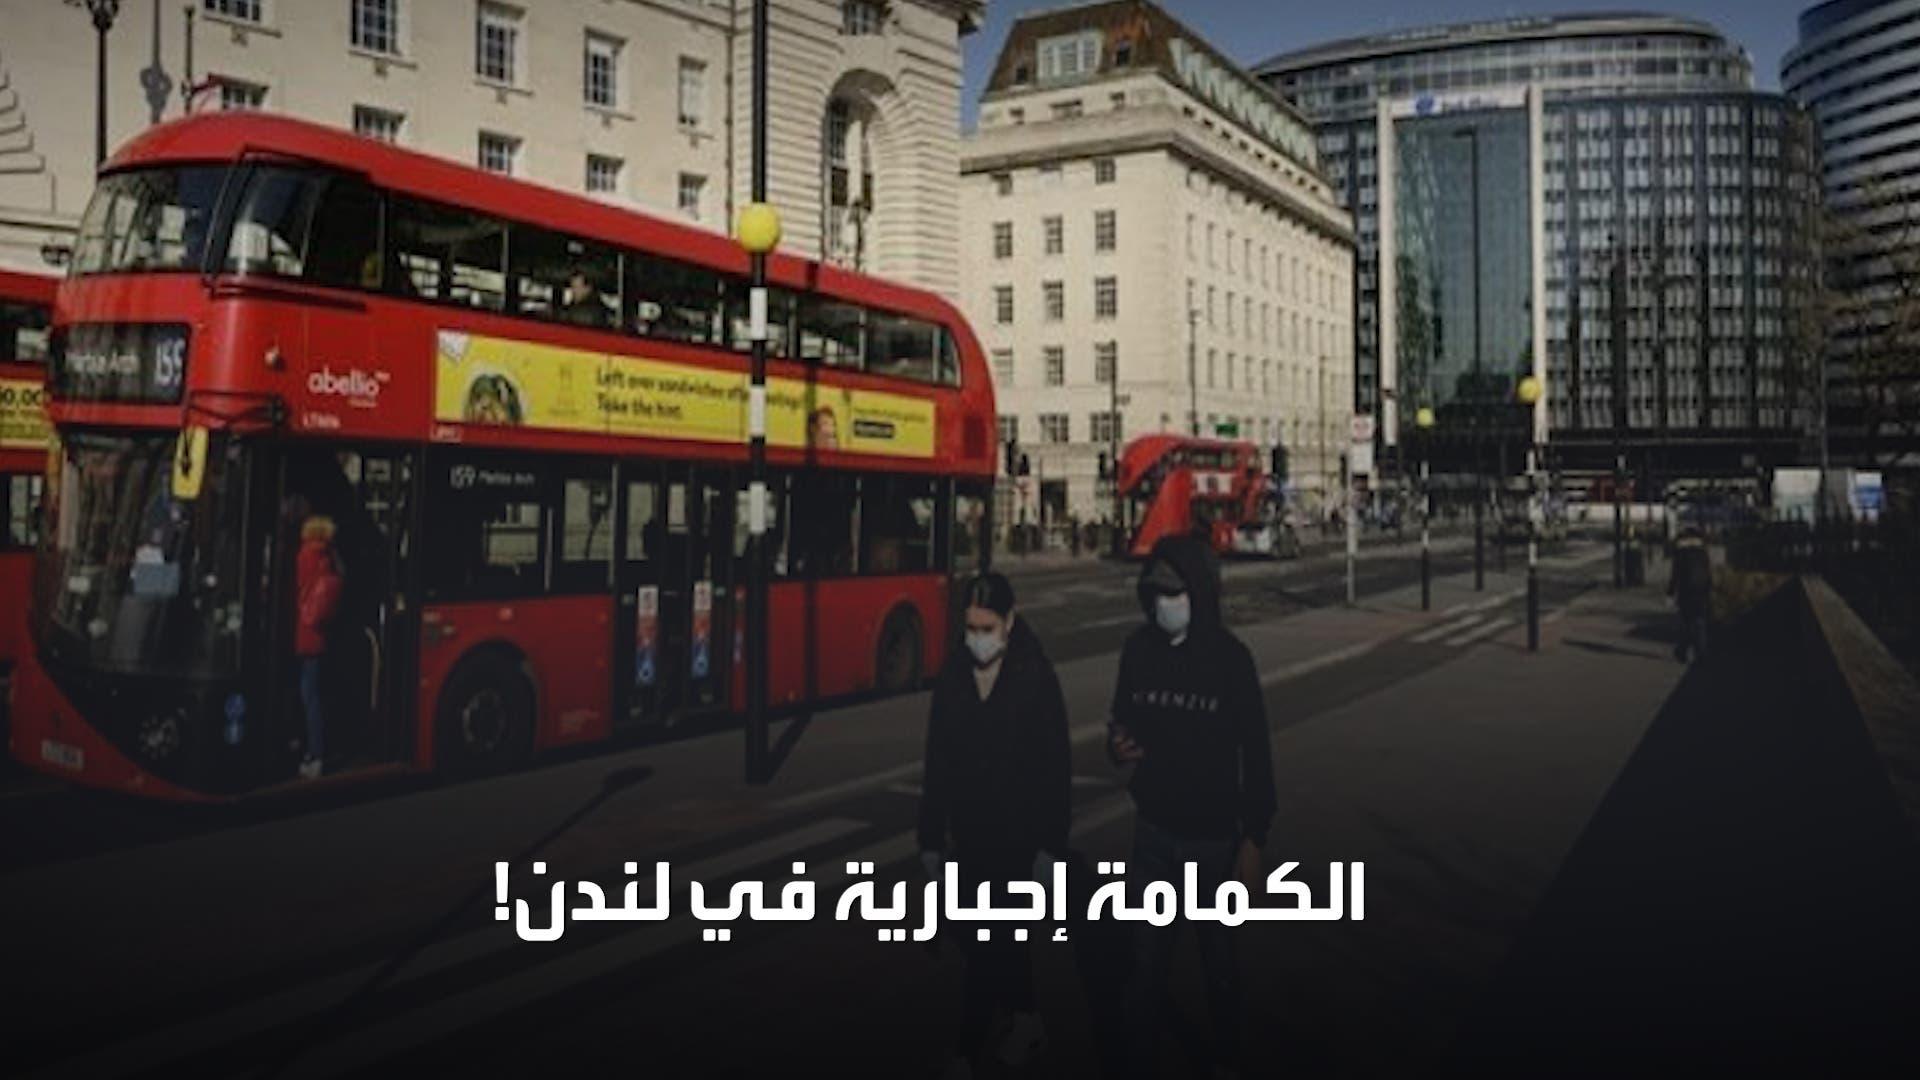 بريطانيا تفرض ارتداء الكمامات للحد من انتشار كورونا